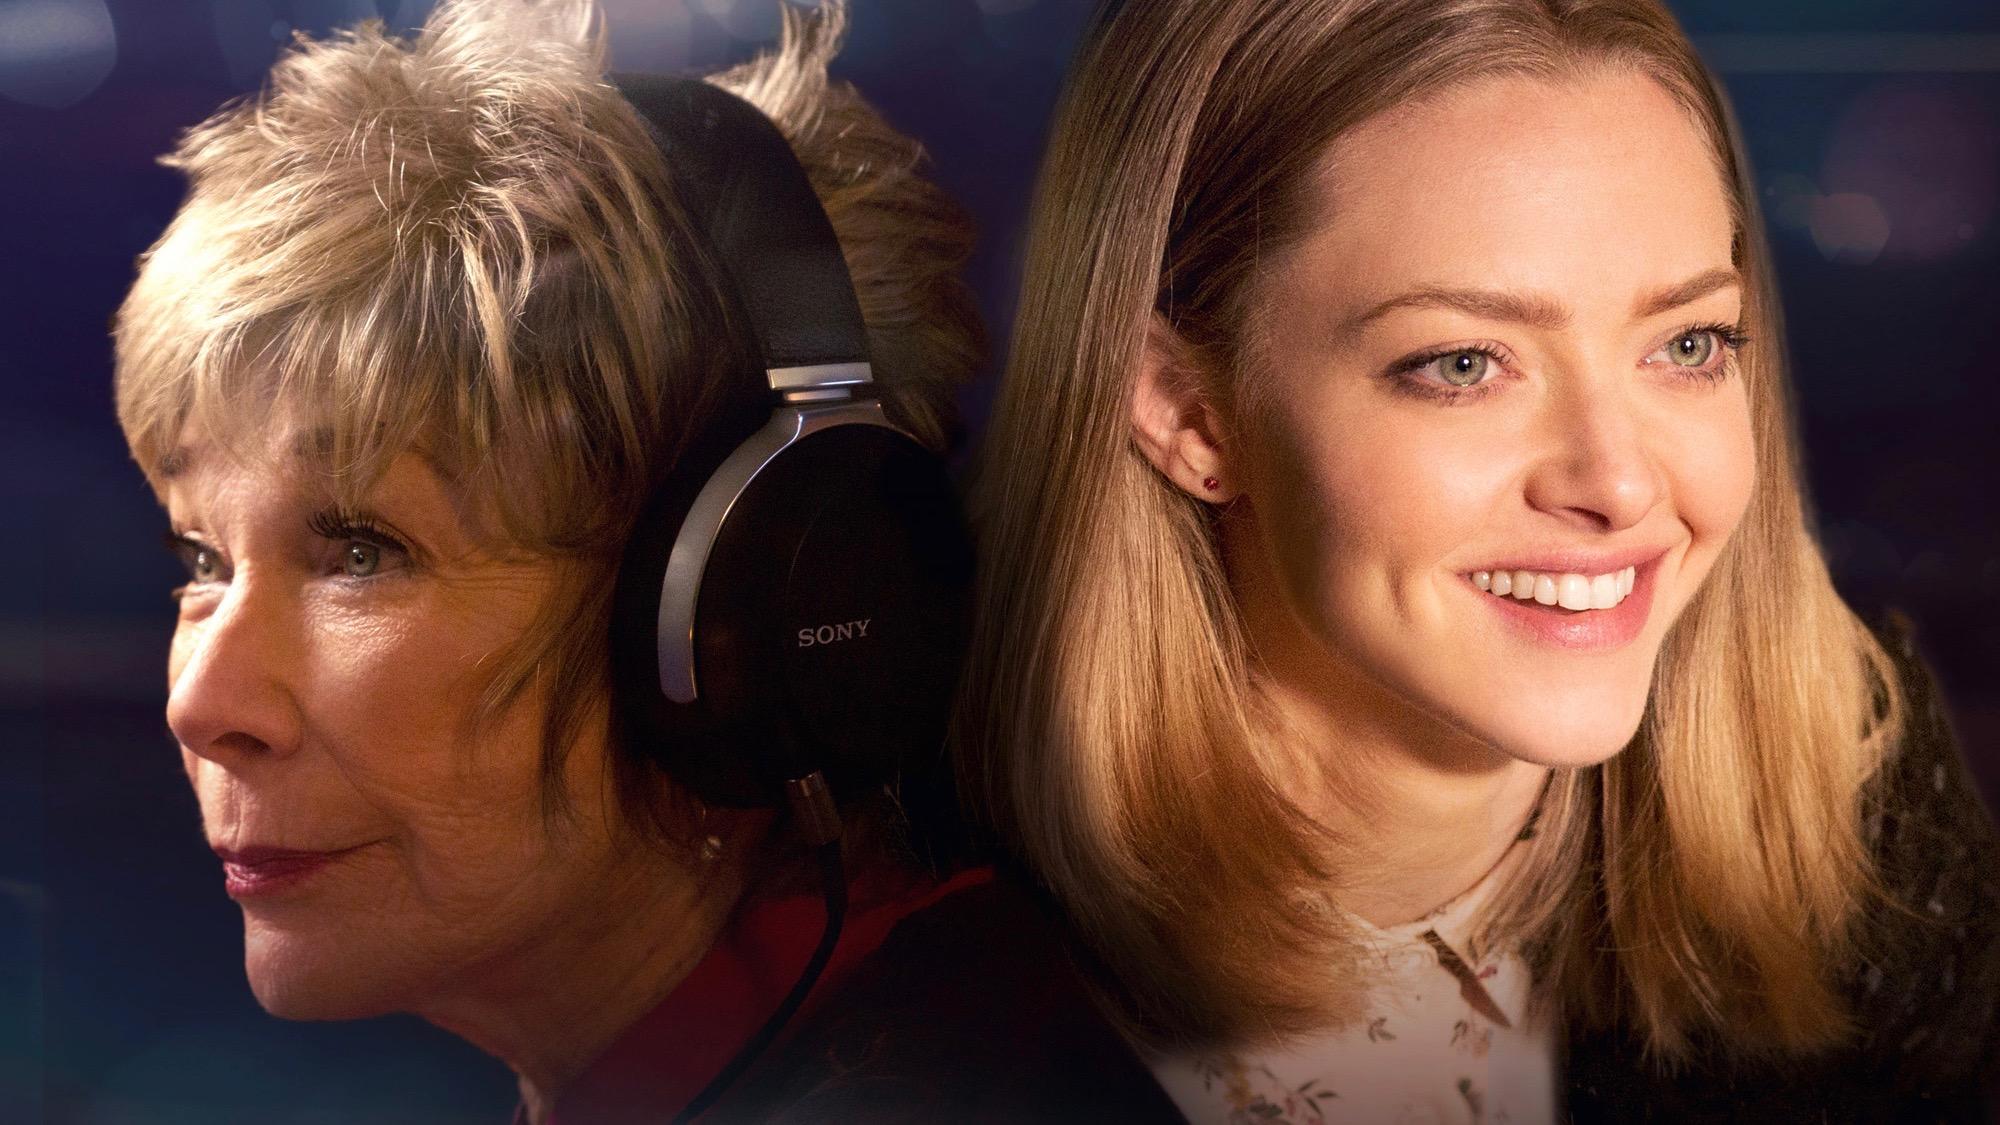 今観たい、新作映画をピックアップ! 人生を謳歌するヒューマンドラマ3選